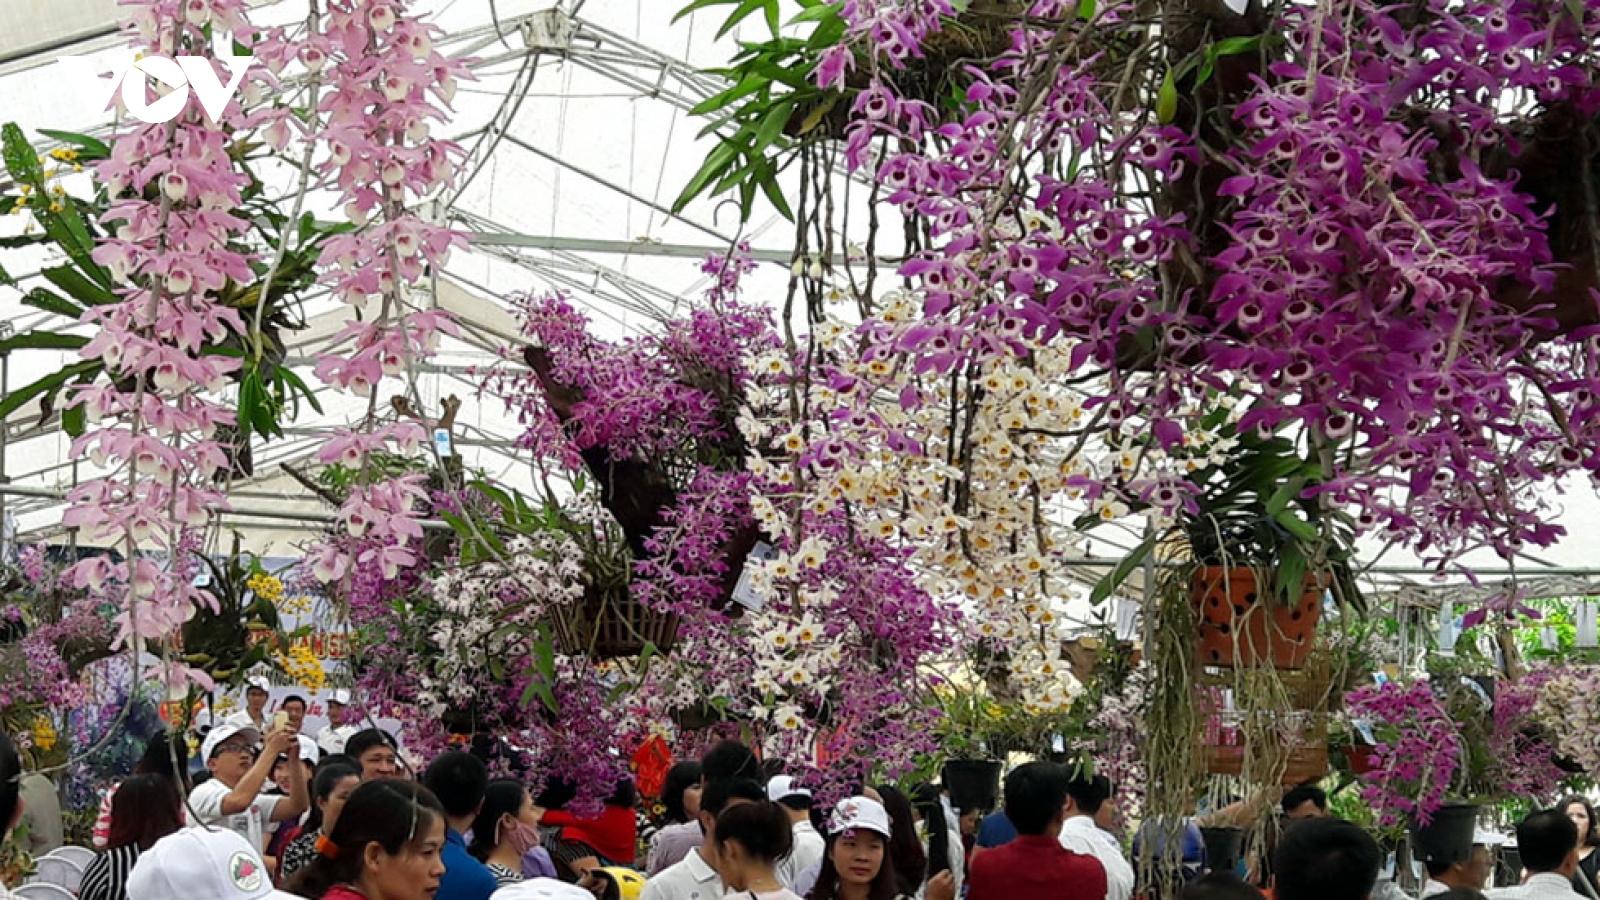 Nông nghiệp chuỗi giá trị kinh tế cao - hướng đi bền vững ở Lai Châu